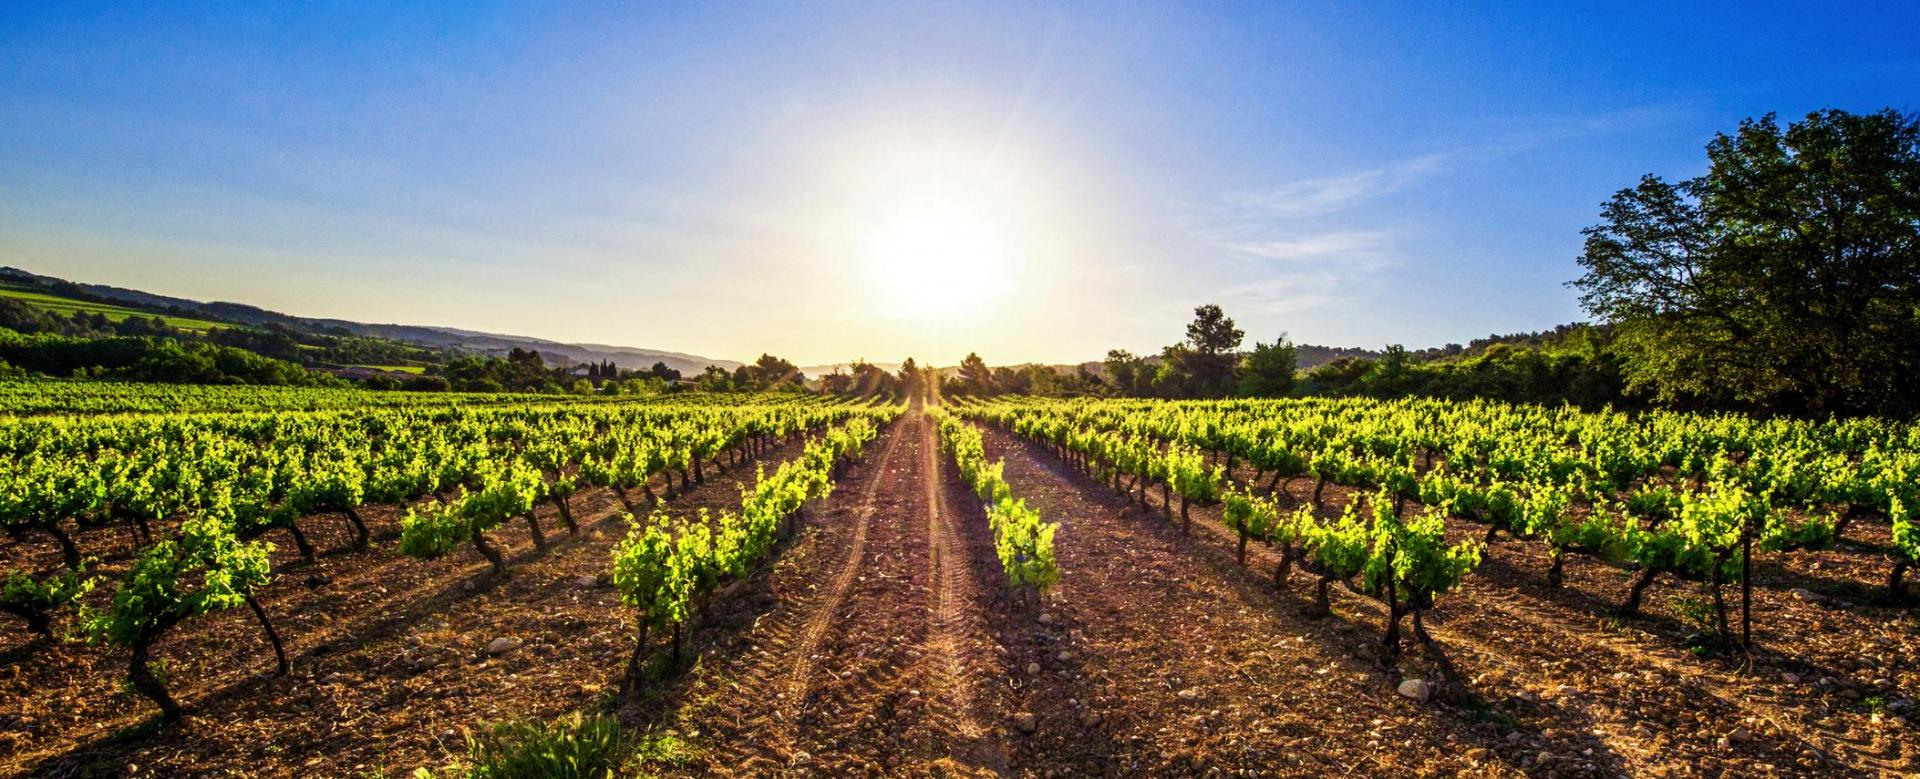 Voyage en véhicule Espagne : Les vignobles de la rioja à vélo